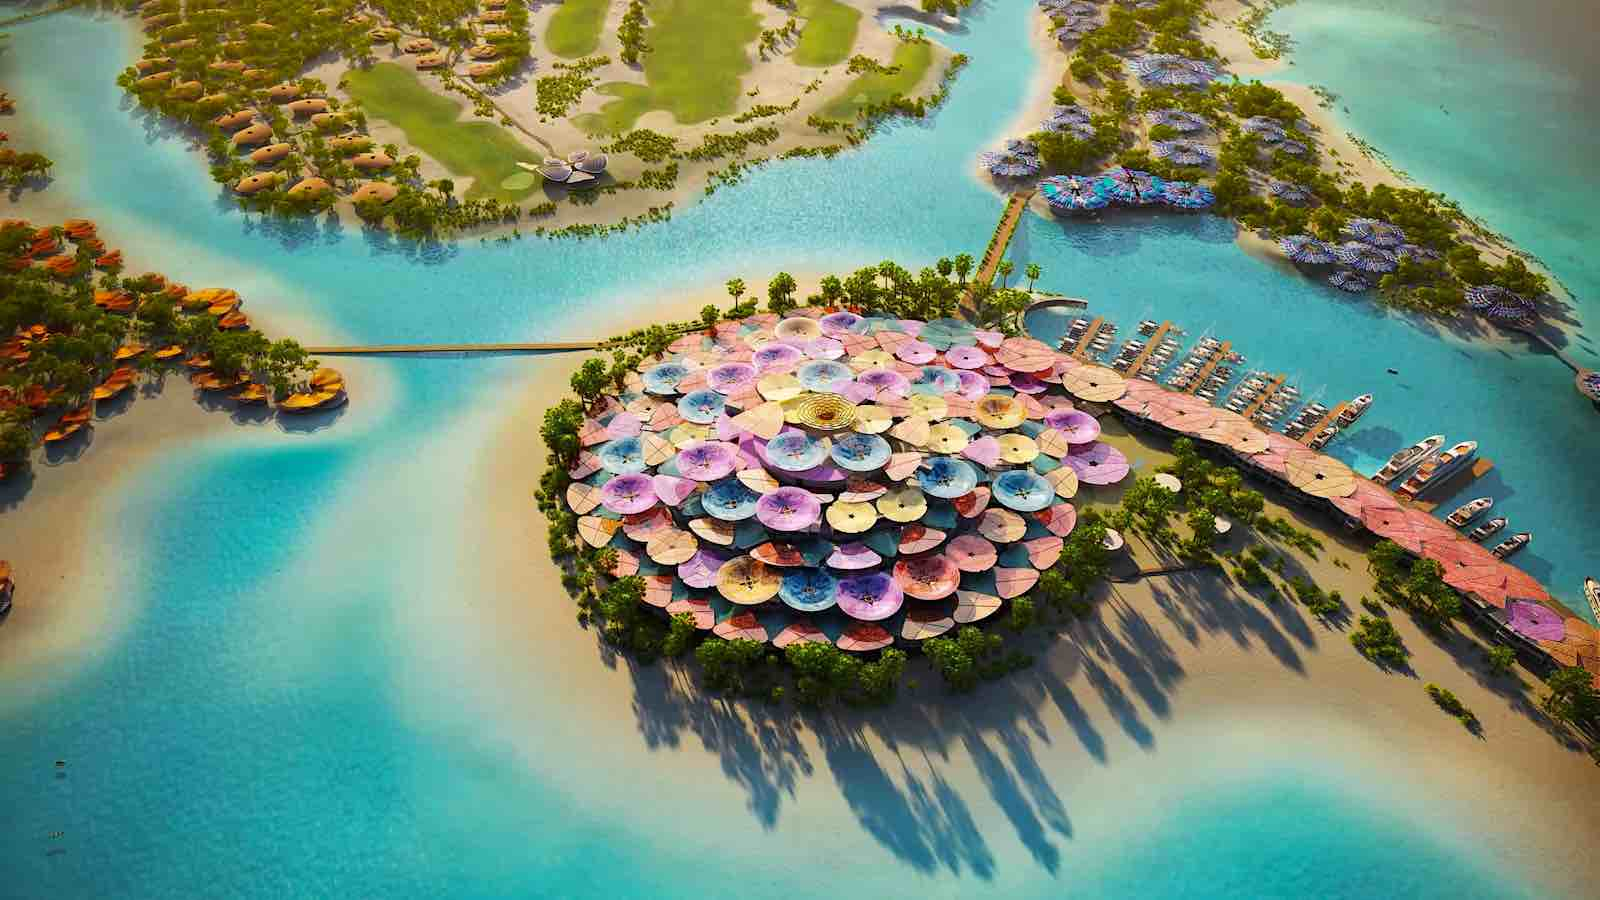 The Red Sea Project: El príncipe heredero de Arabia Saudita, está construyendo este enorme complejo turísticos de lujo y ecológico con 50 resorts, 22 islas, campos de golf y mucho más...